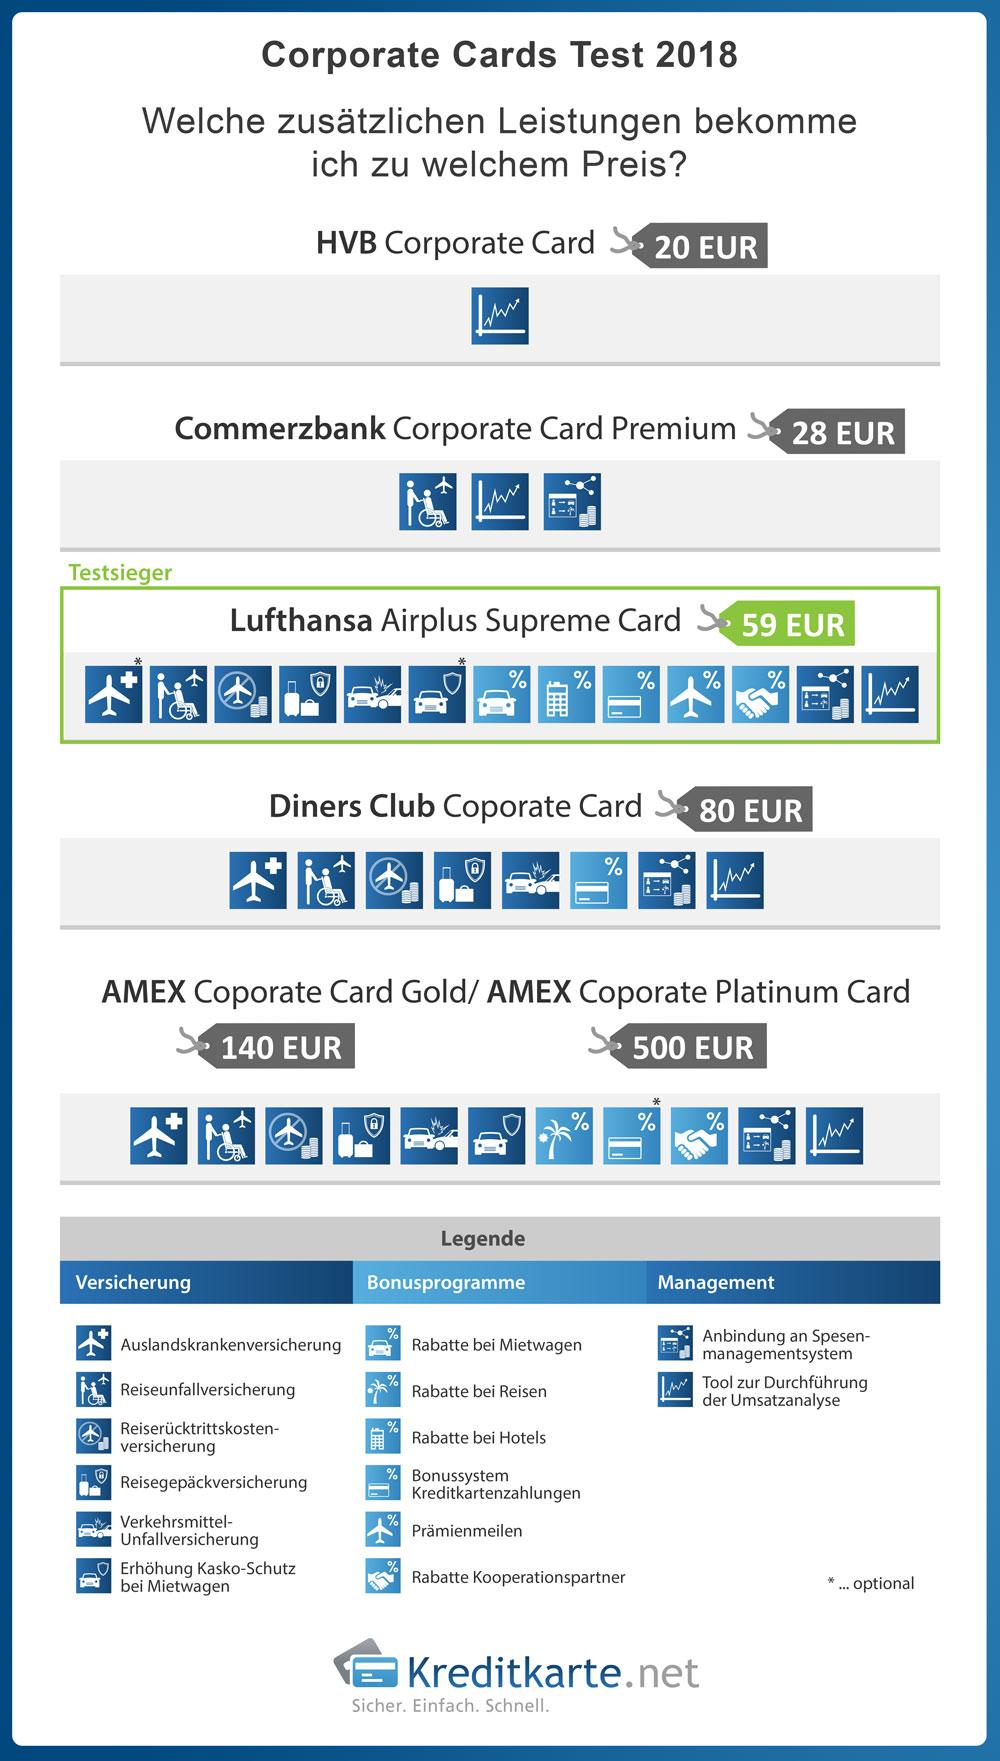 Welche Leistungen hat die 20€ Karte im Vergleich zur 500€ Corporate Card?